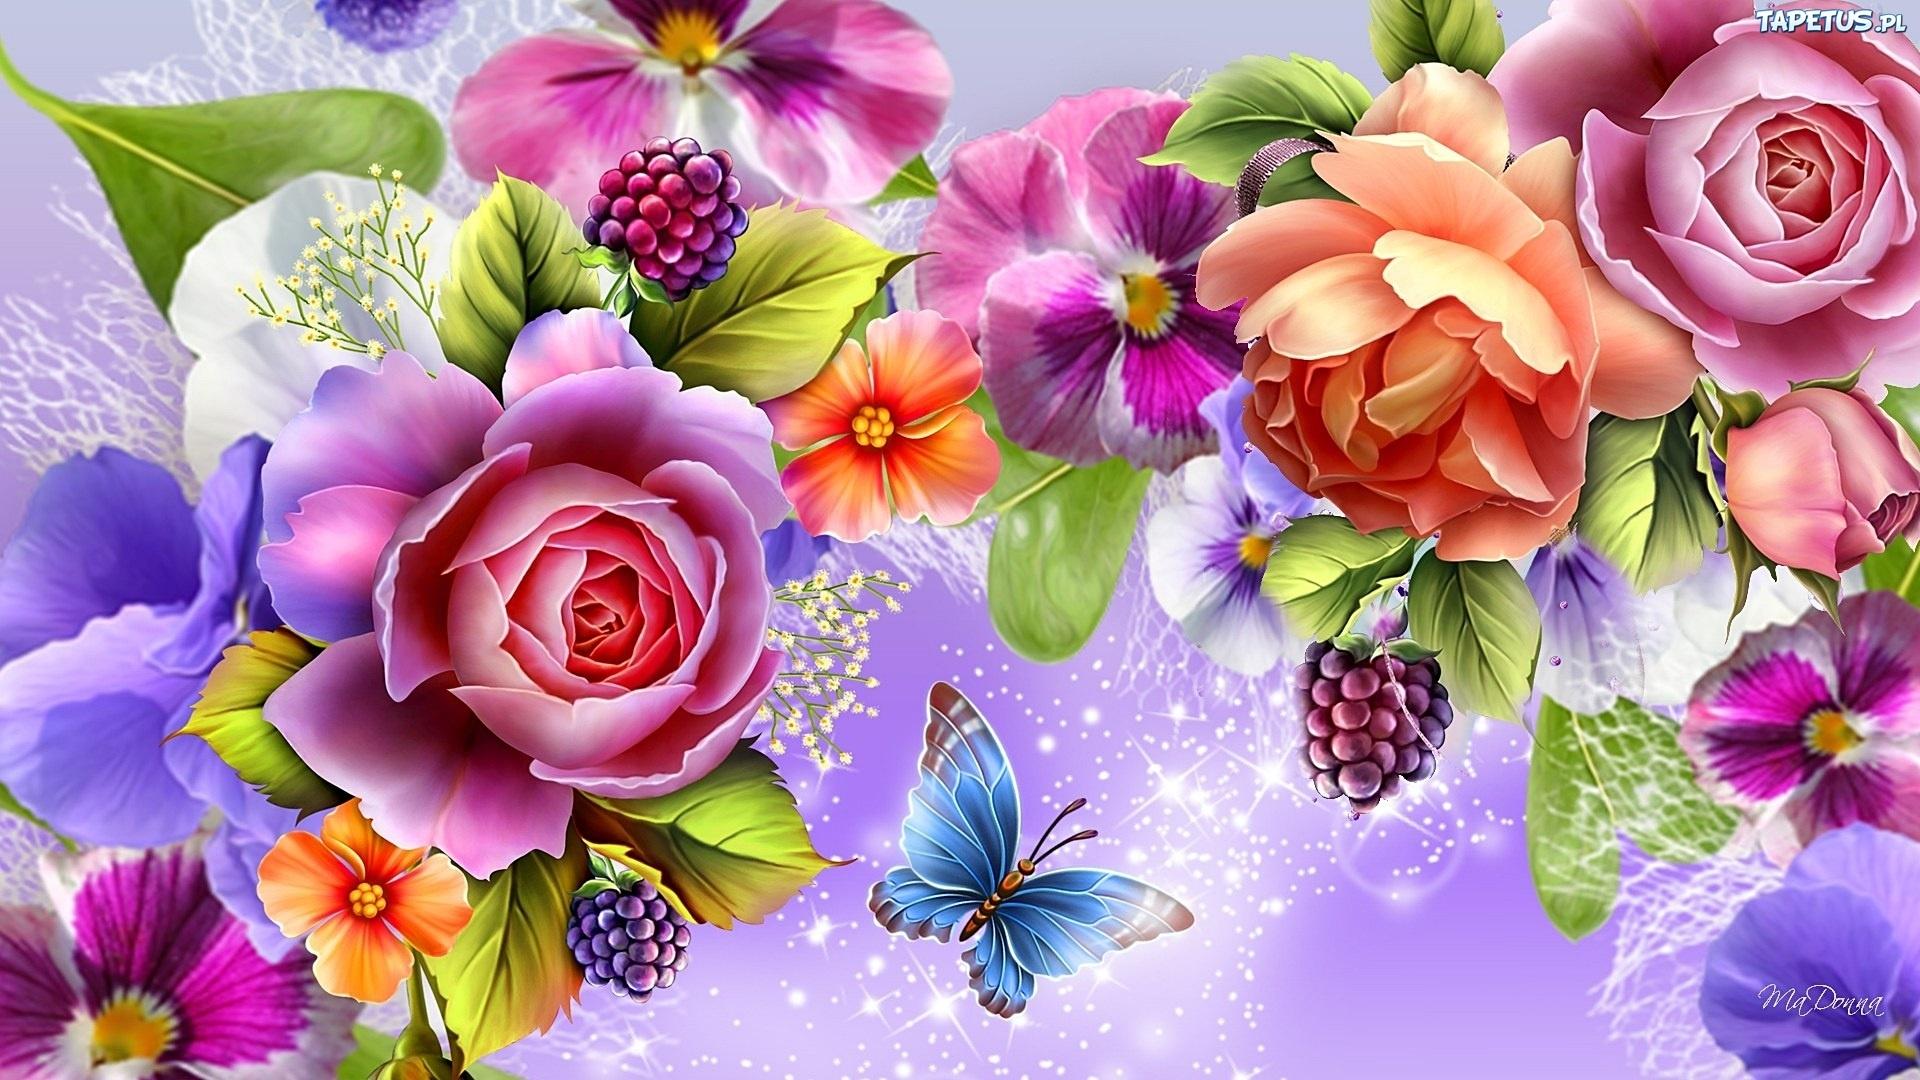 Kwiaty Urodzinowe Related Keywords & Suggestions - Kwiaty Urodzinowe ...